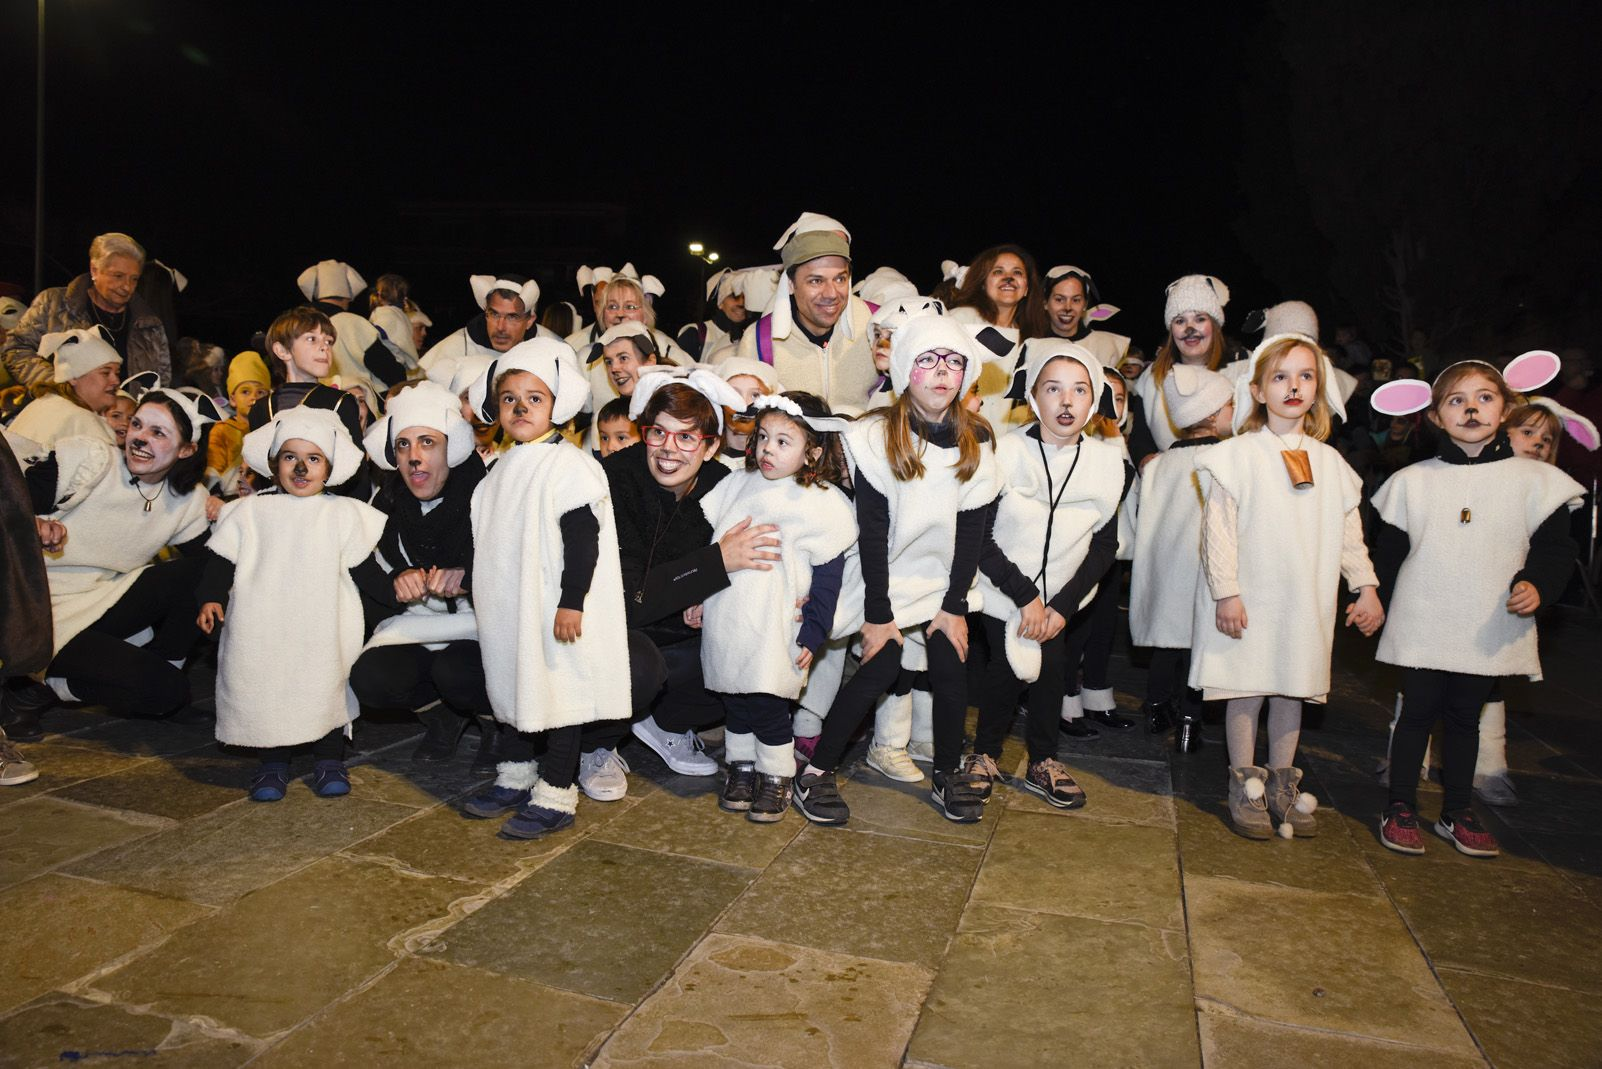 'El ramat del Gerbert', guanyadors de la categoria infantil del concurs de comparses. Foto: Bernat Millet.